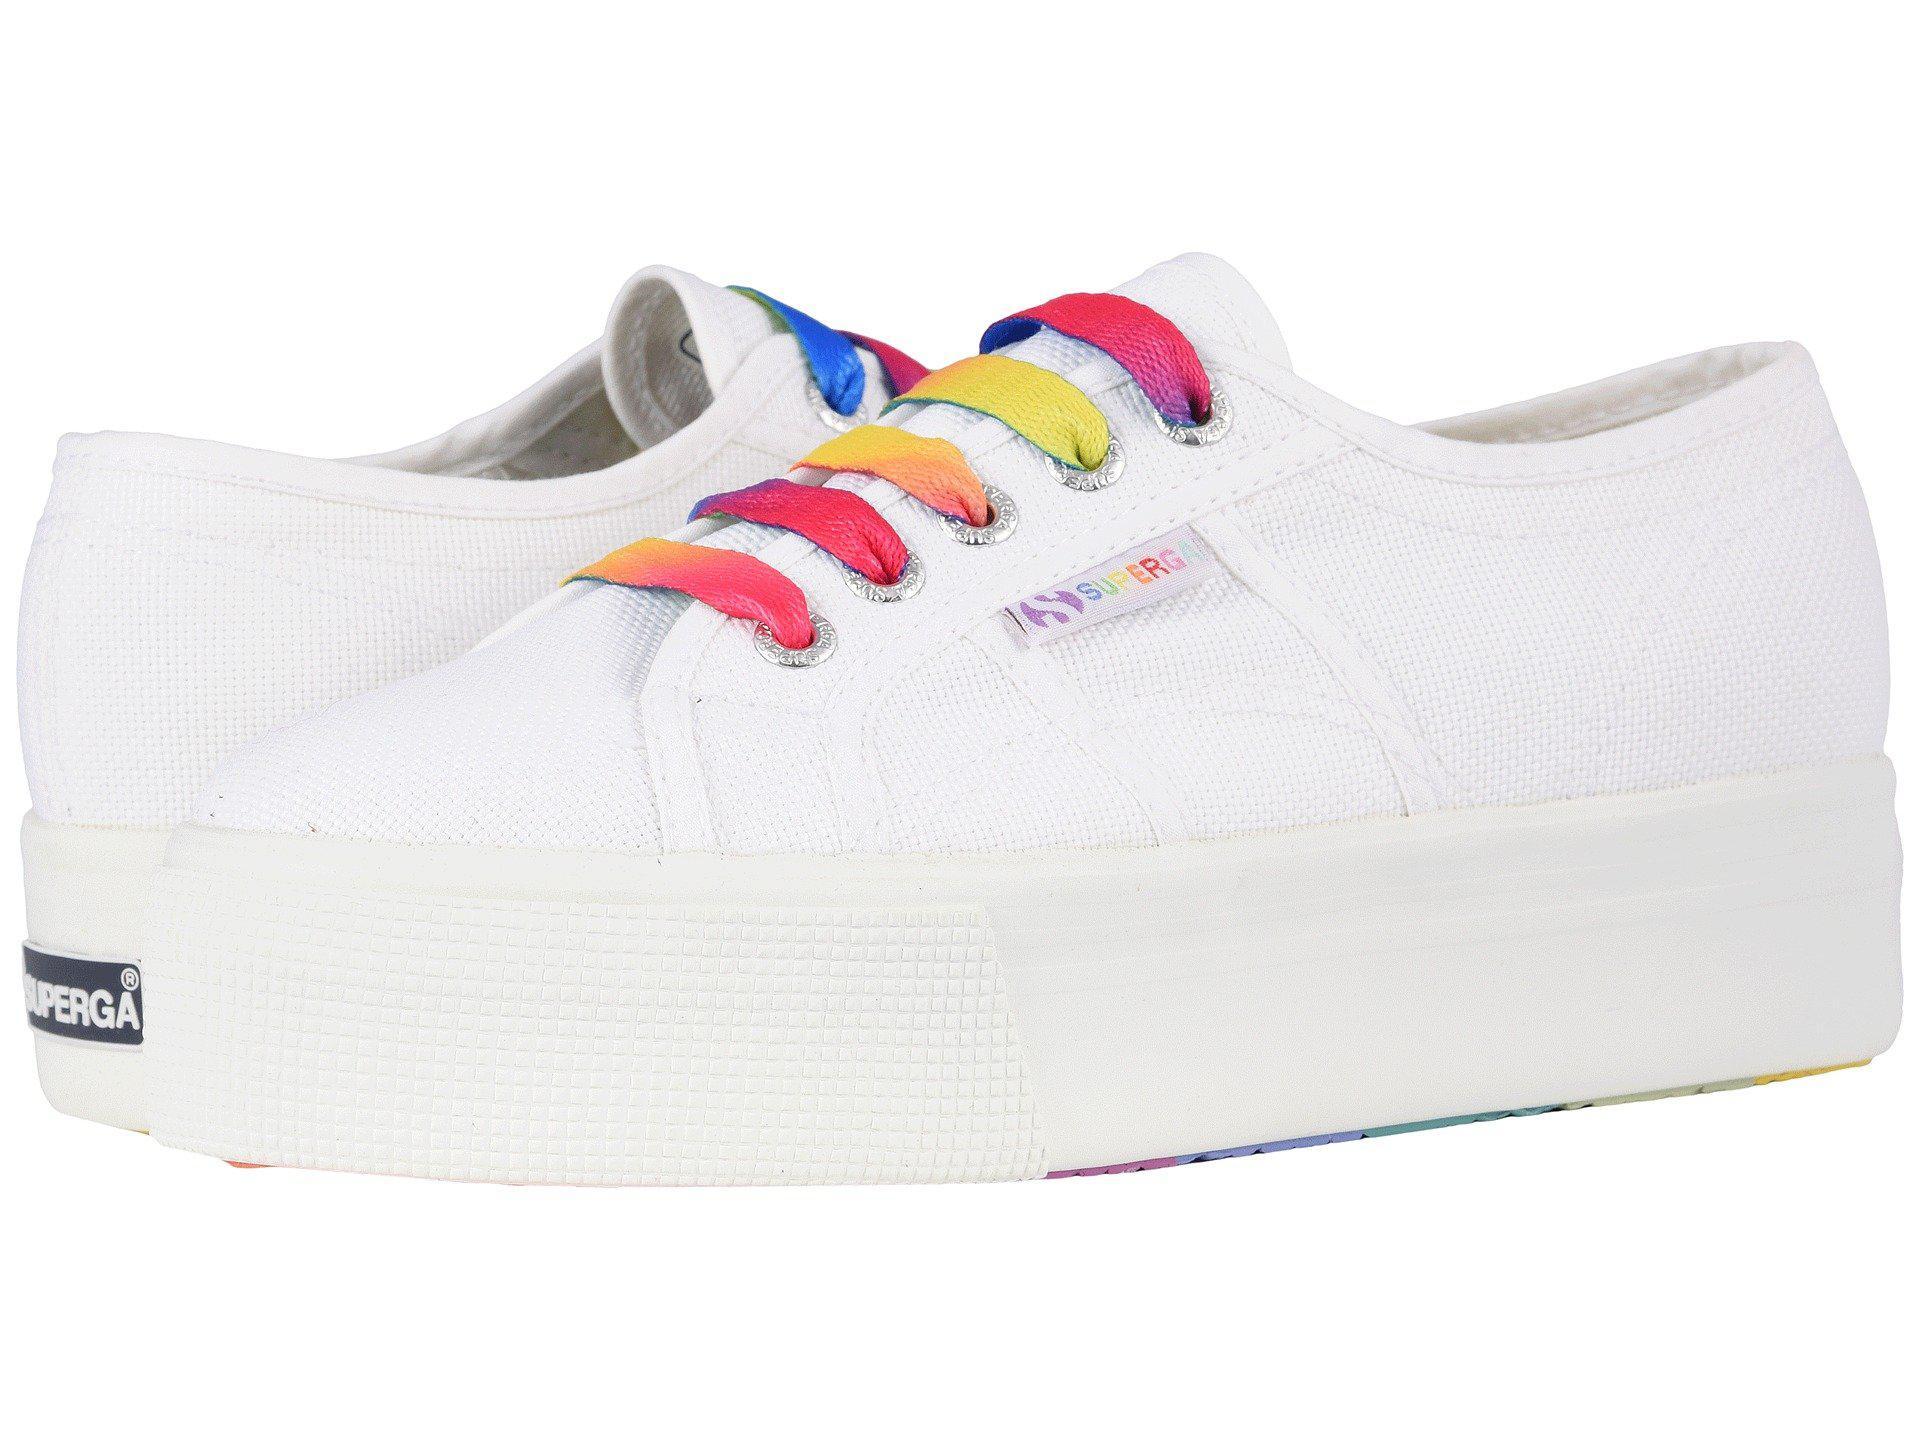 Superga 2790 COTW Multicolor Outsole Platform Sneaker Kl2mbEV